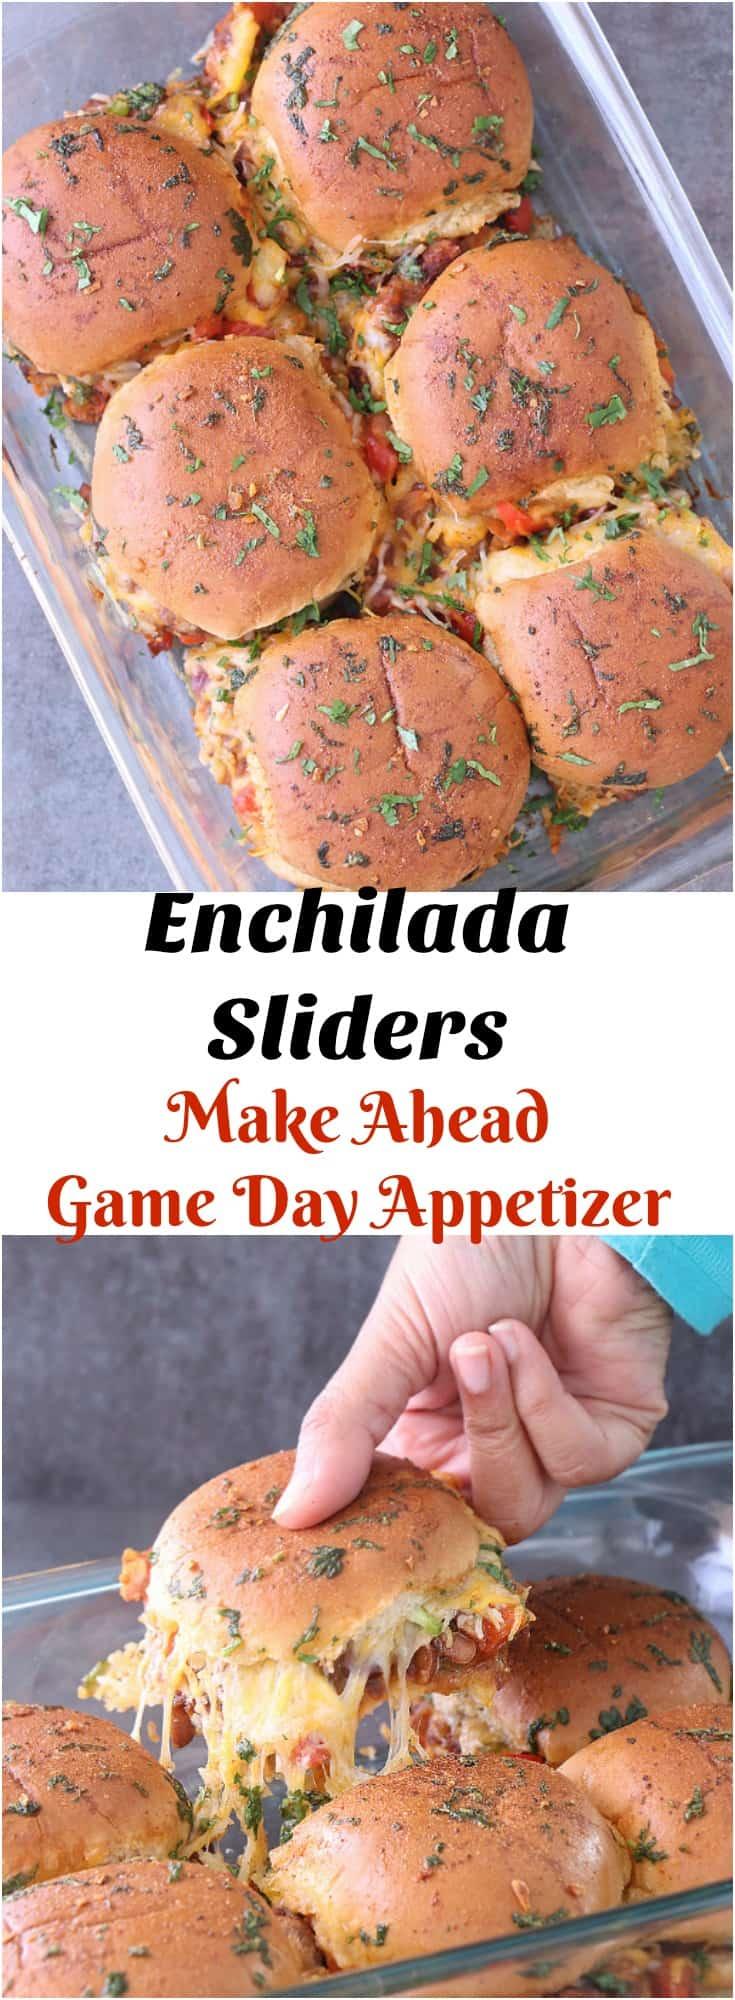 Enchilada Sliders